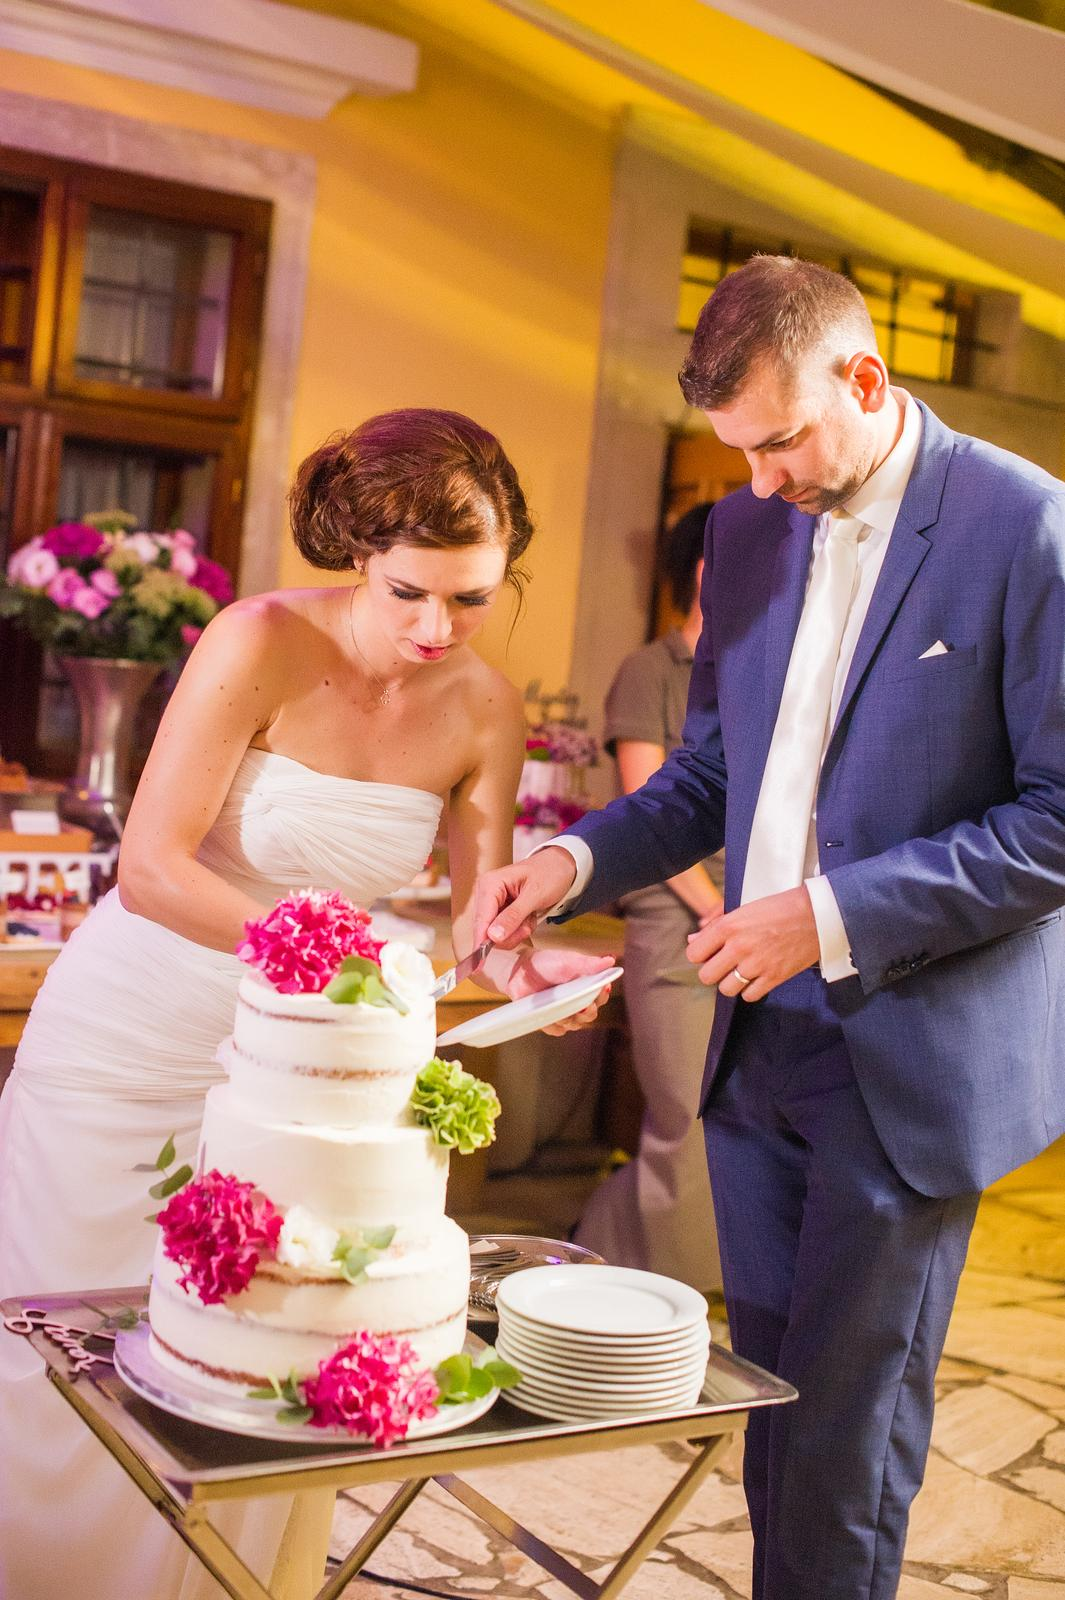 Svadobné torty - Foto: http://www.fotozuzana.sk/. Realizácia: www.castelmierovo.sk